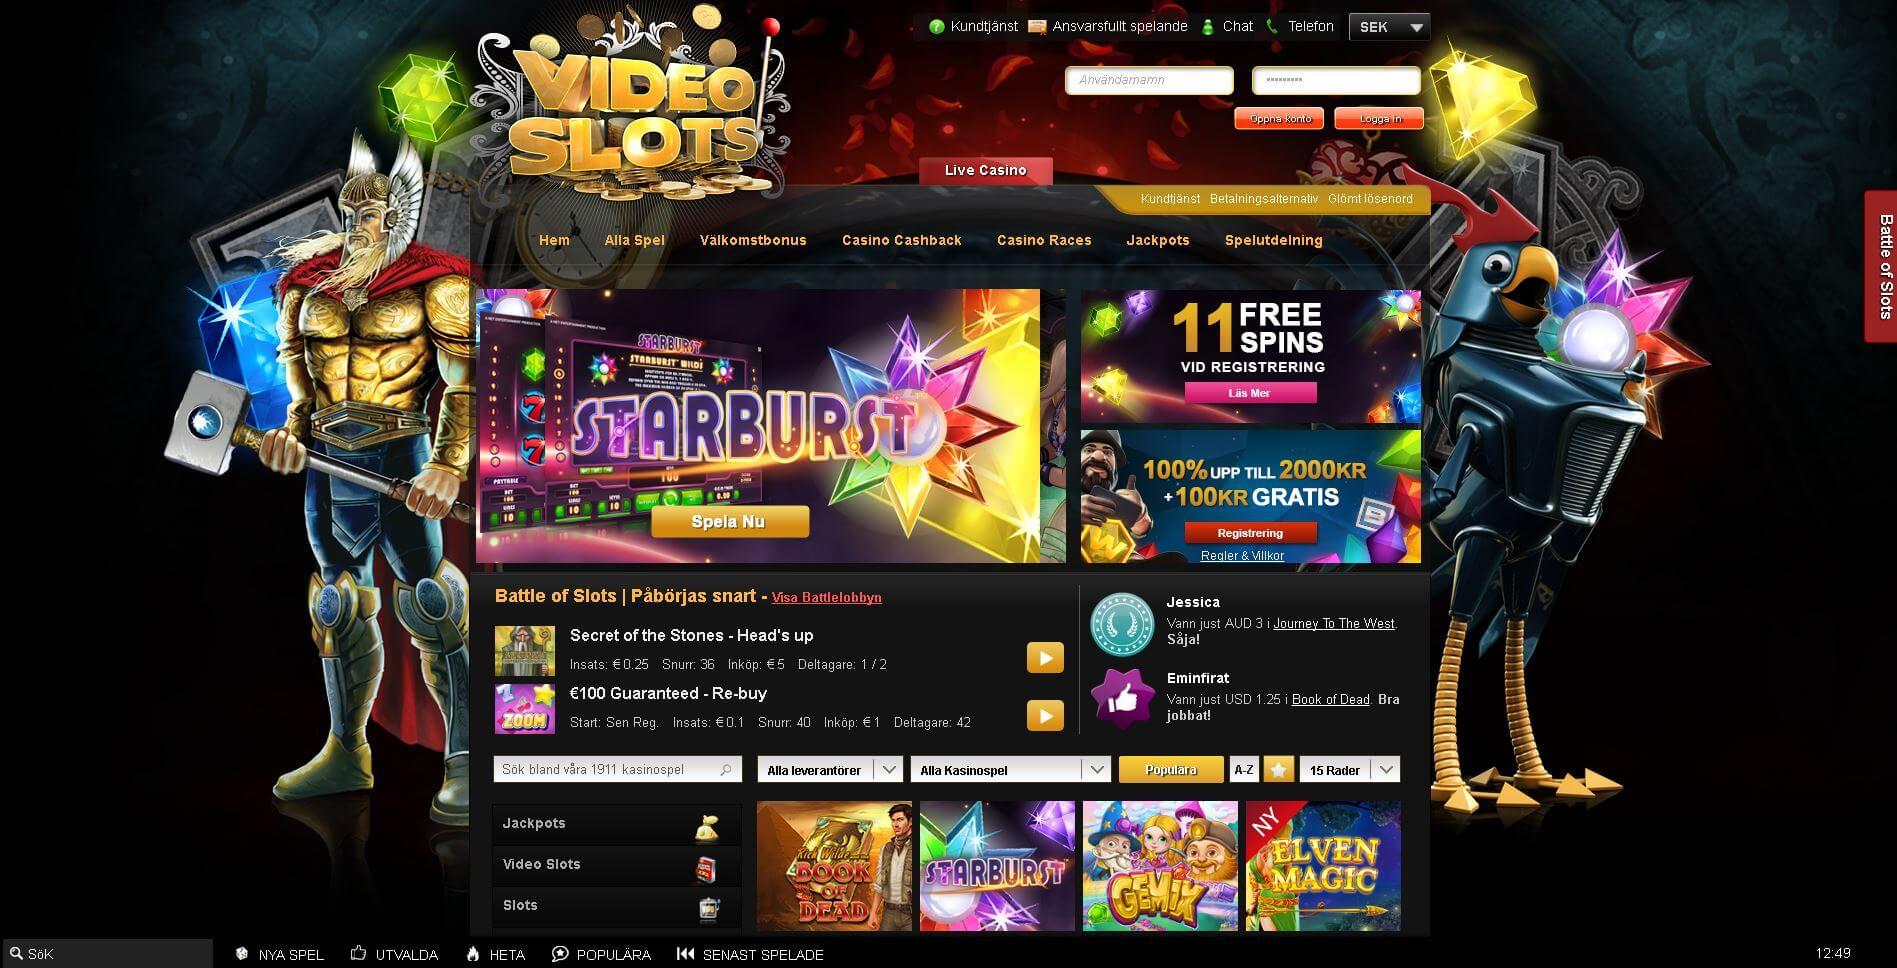 spela casino online touch spiele